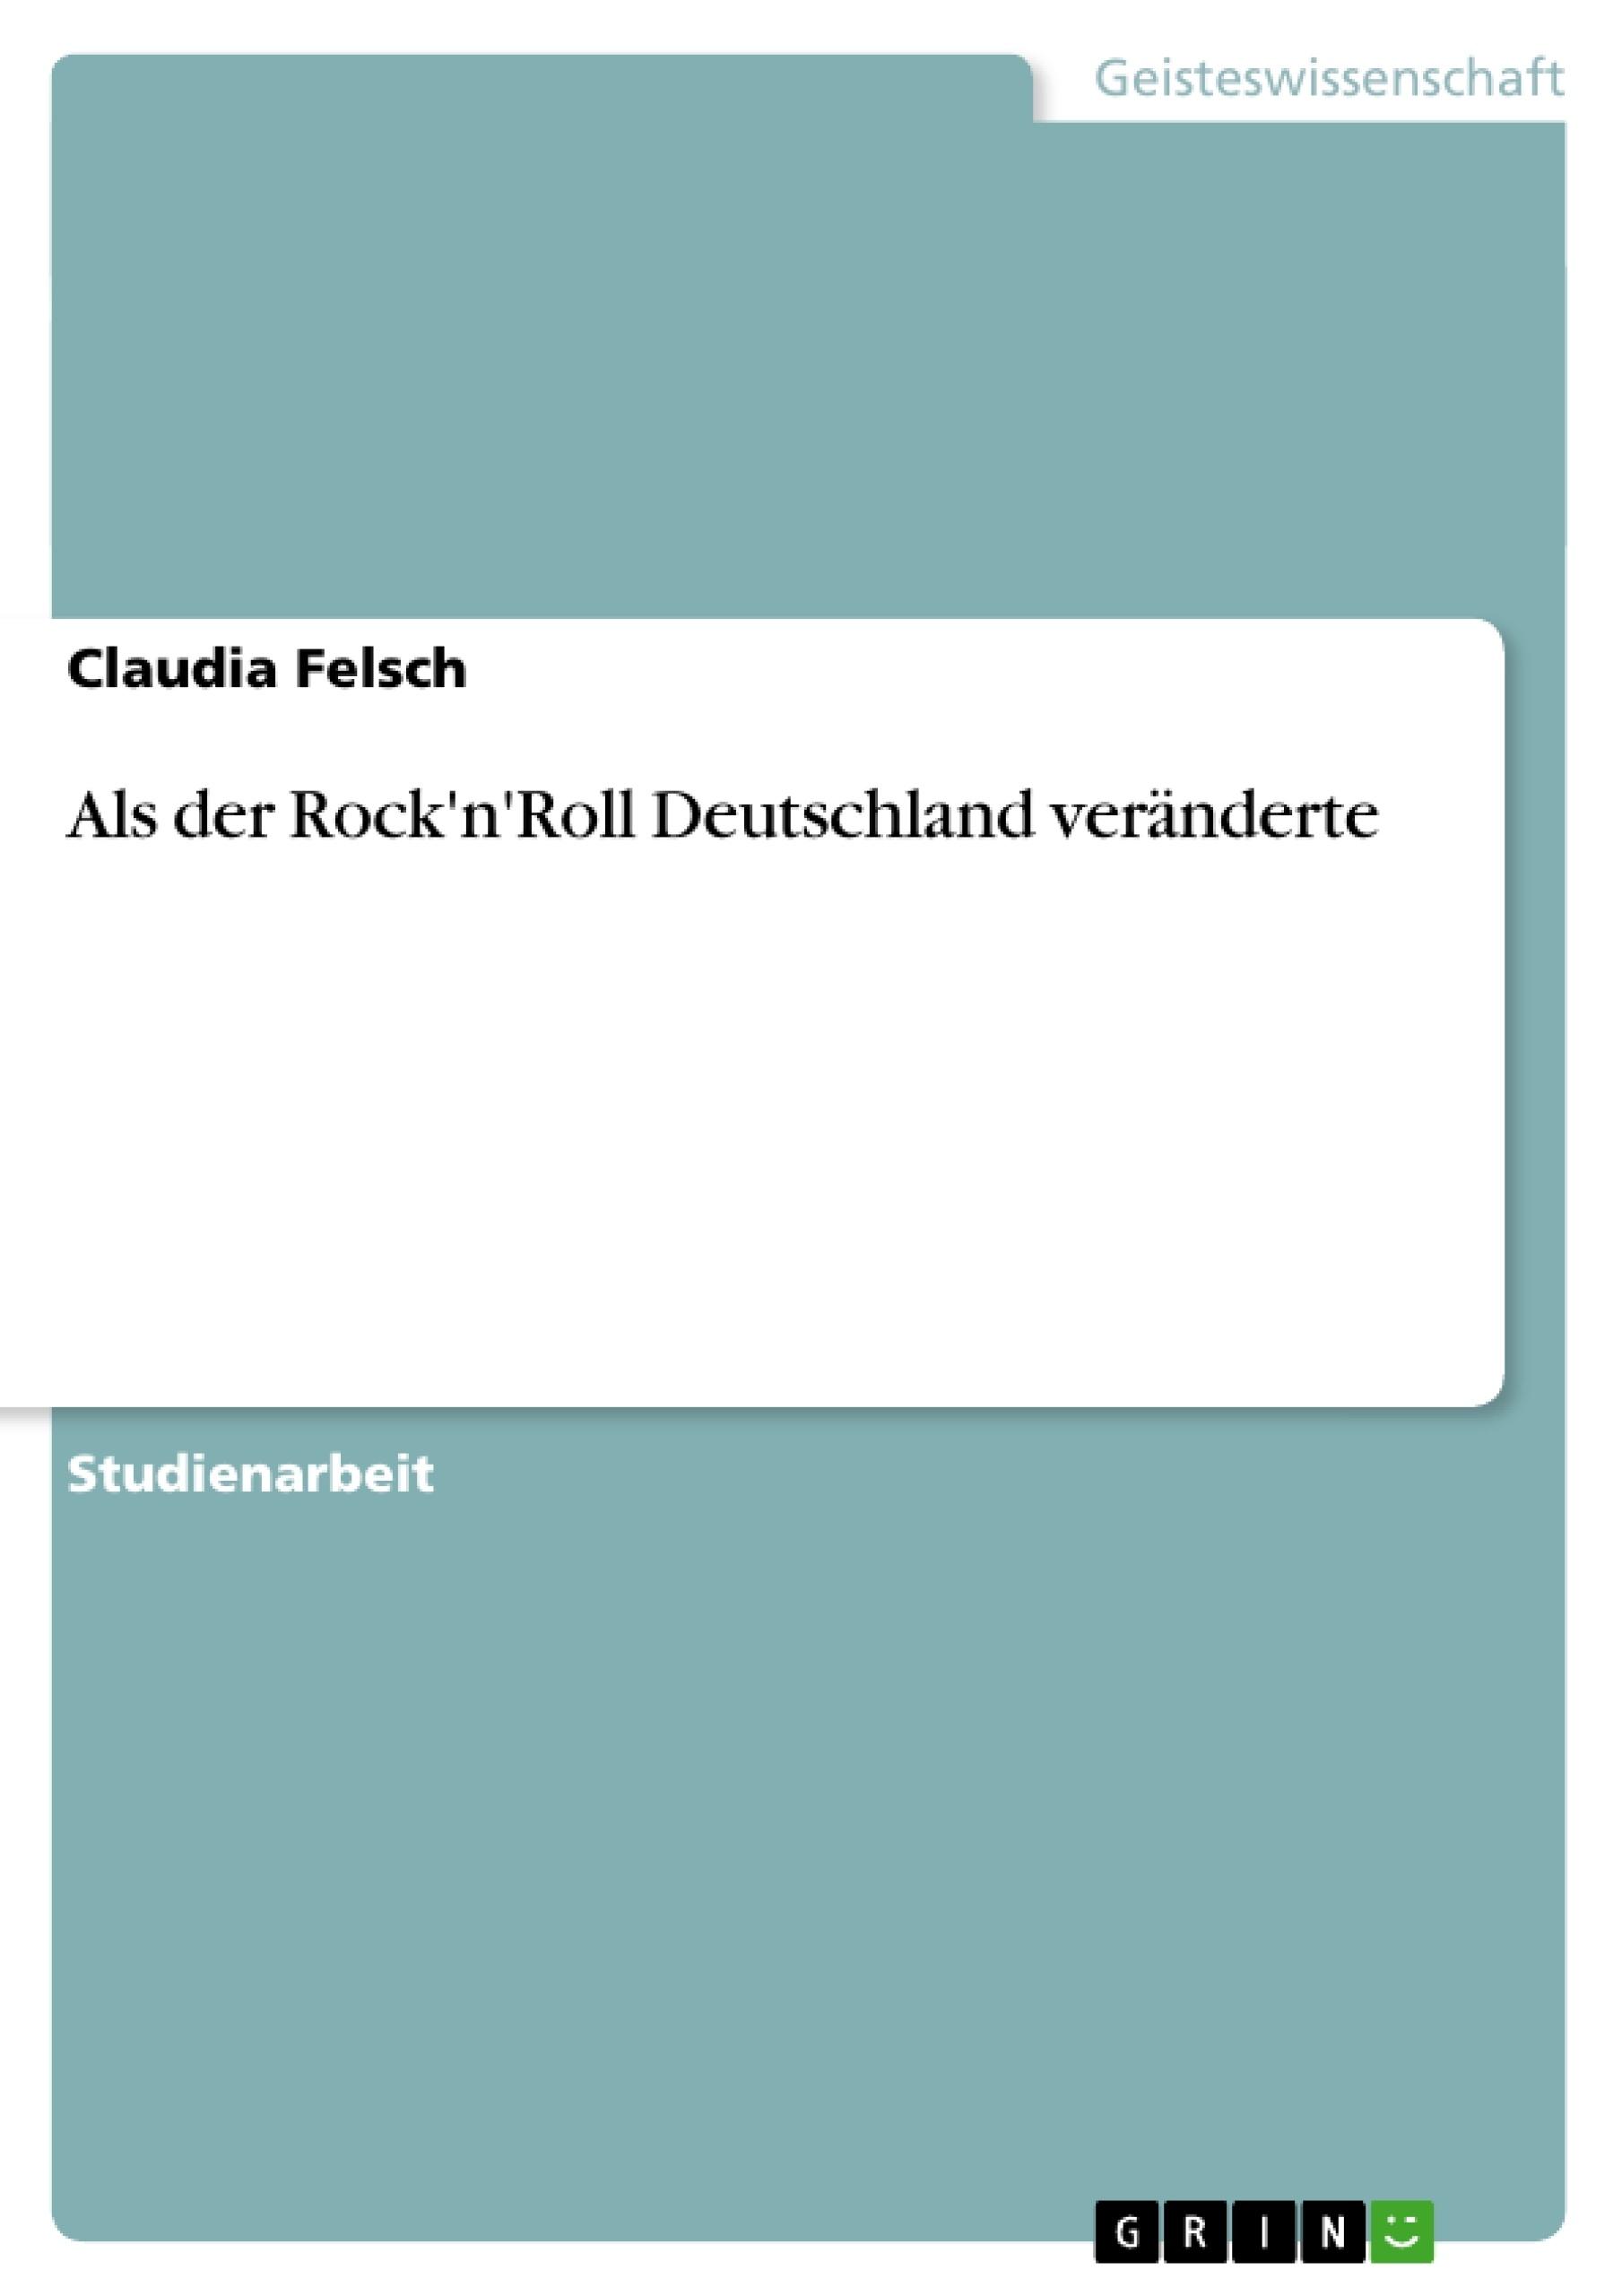 Titel: Als der Rock'n'Roll Deutschland veränderte